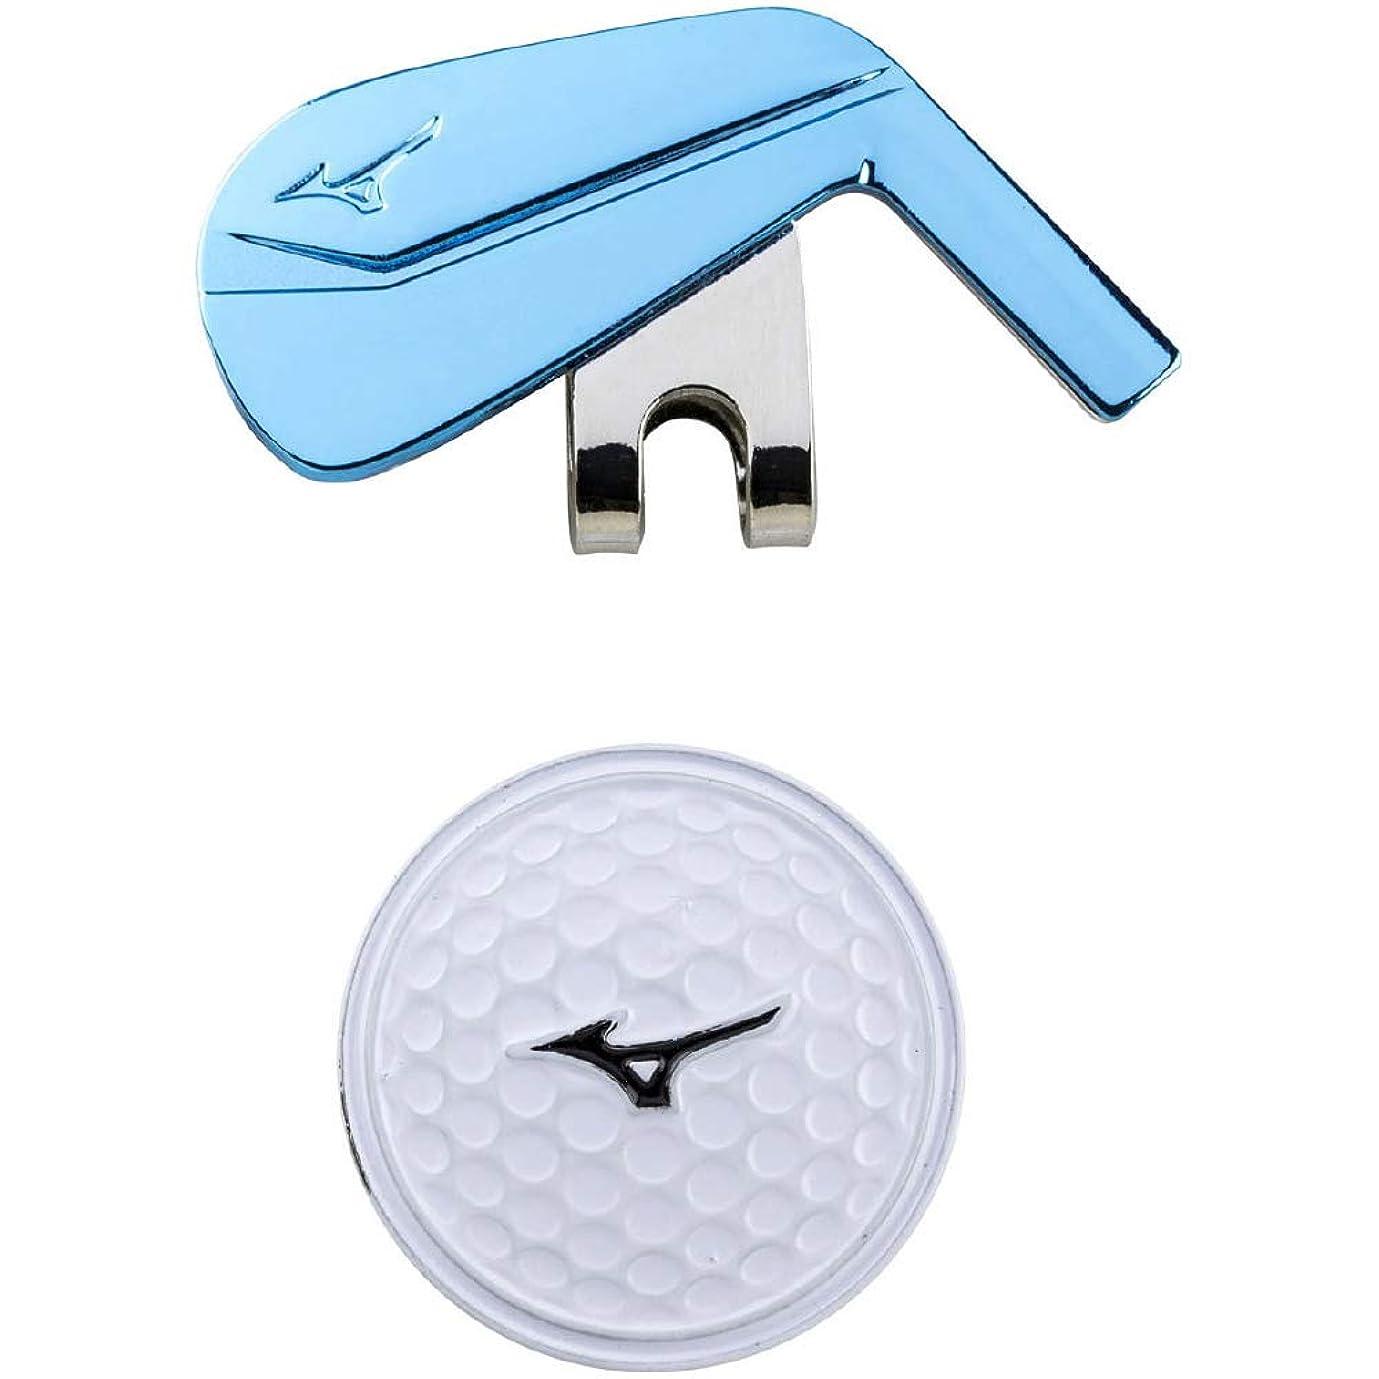 主張する障害者蓮MIZUNO(ミズノ) グリーンマーカー マルチスポーツ ゴルフタイプ ユニセックス 5LJD192100 ブルー